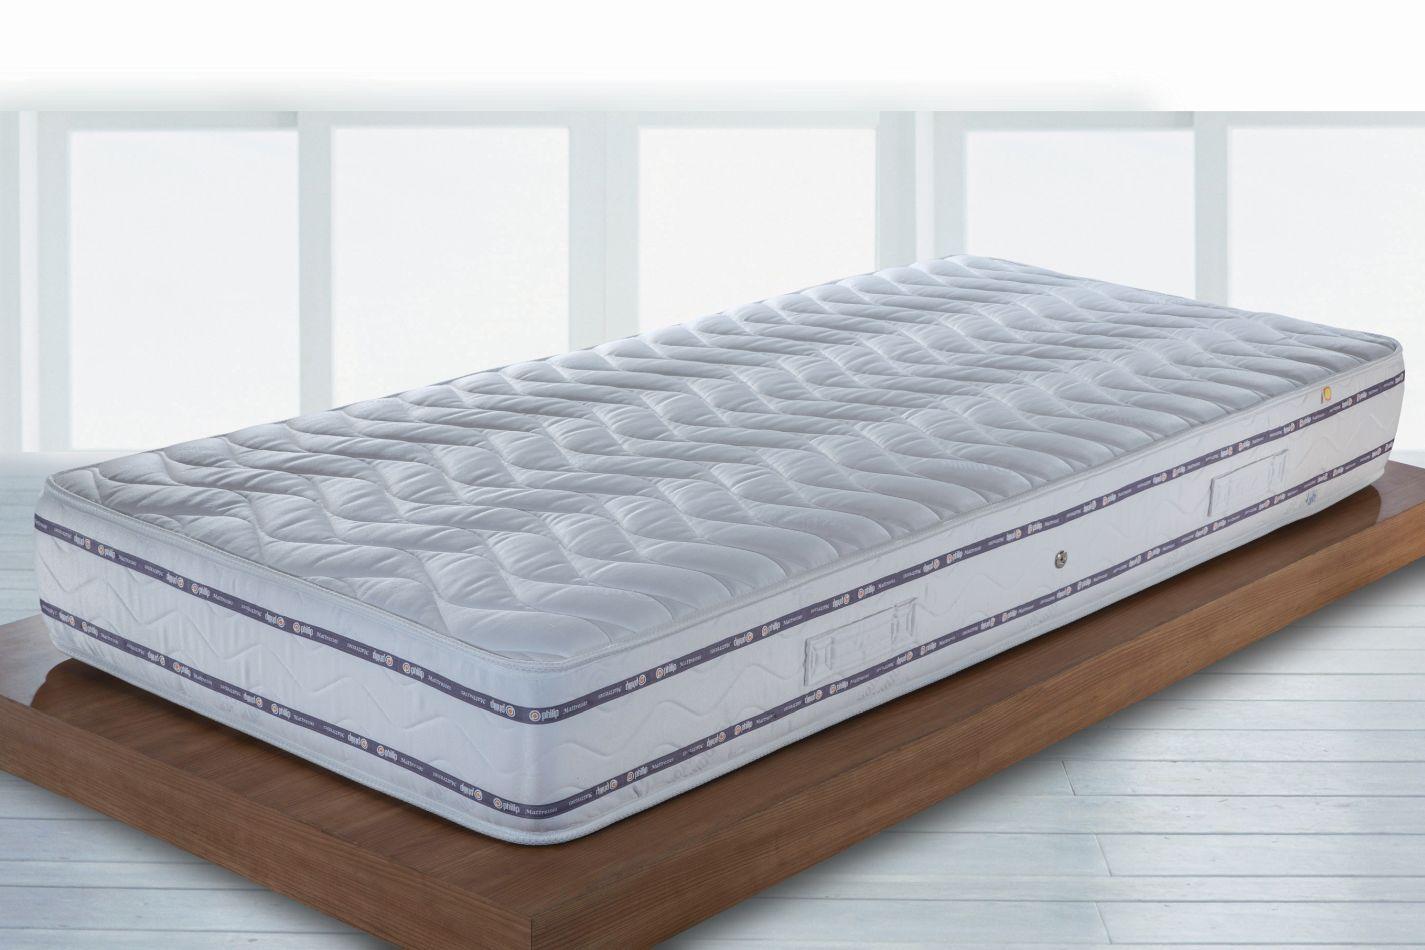 Matratze Elegance Relax mit Bonell Federkern - Abmessungen: 80 x 190 cm